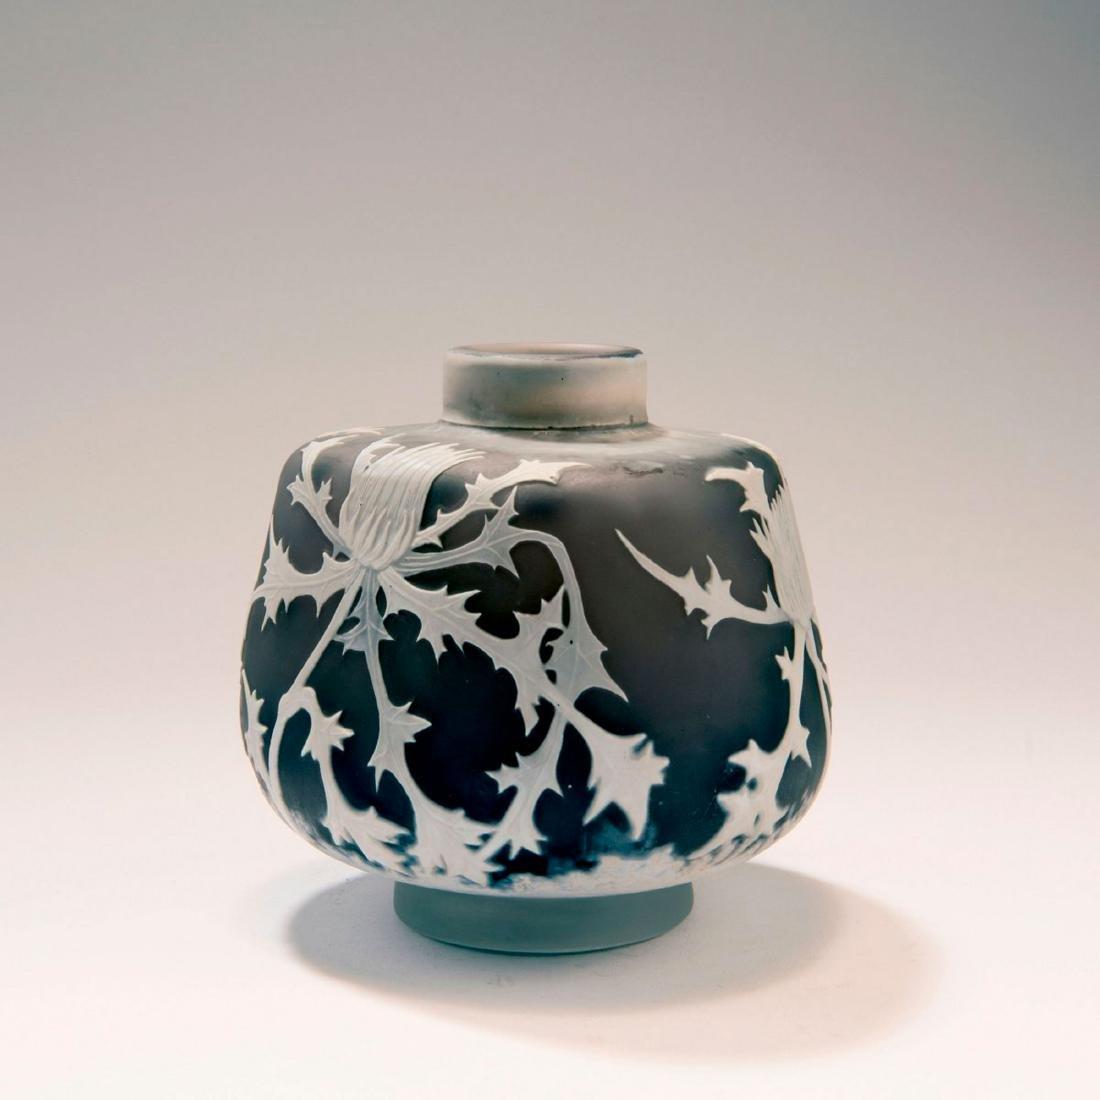 'Chardons' vase, c. 1907